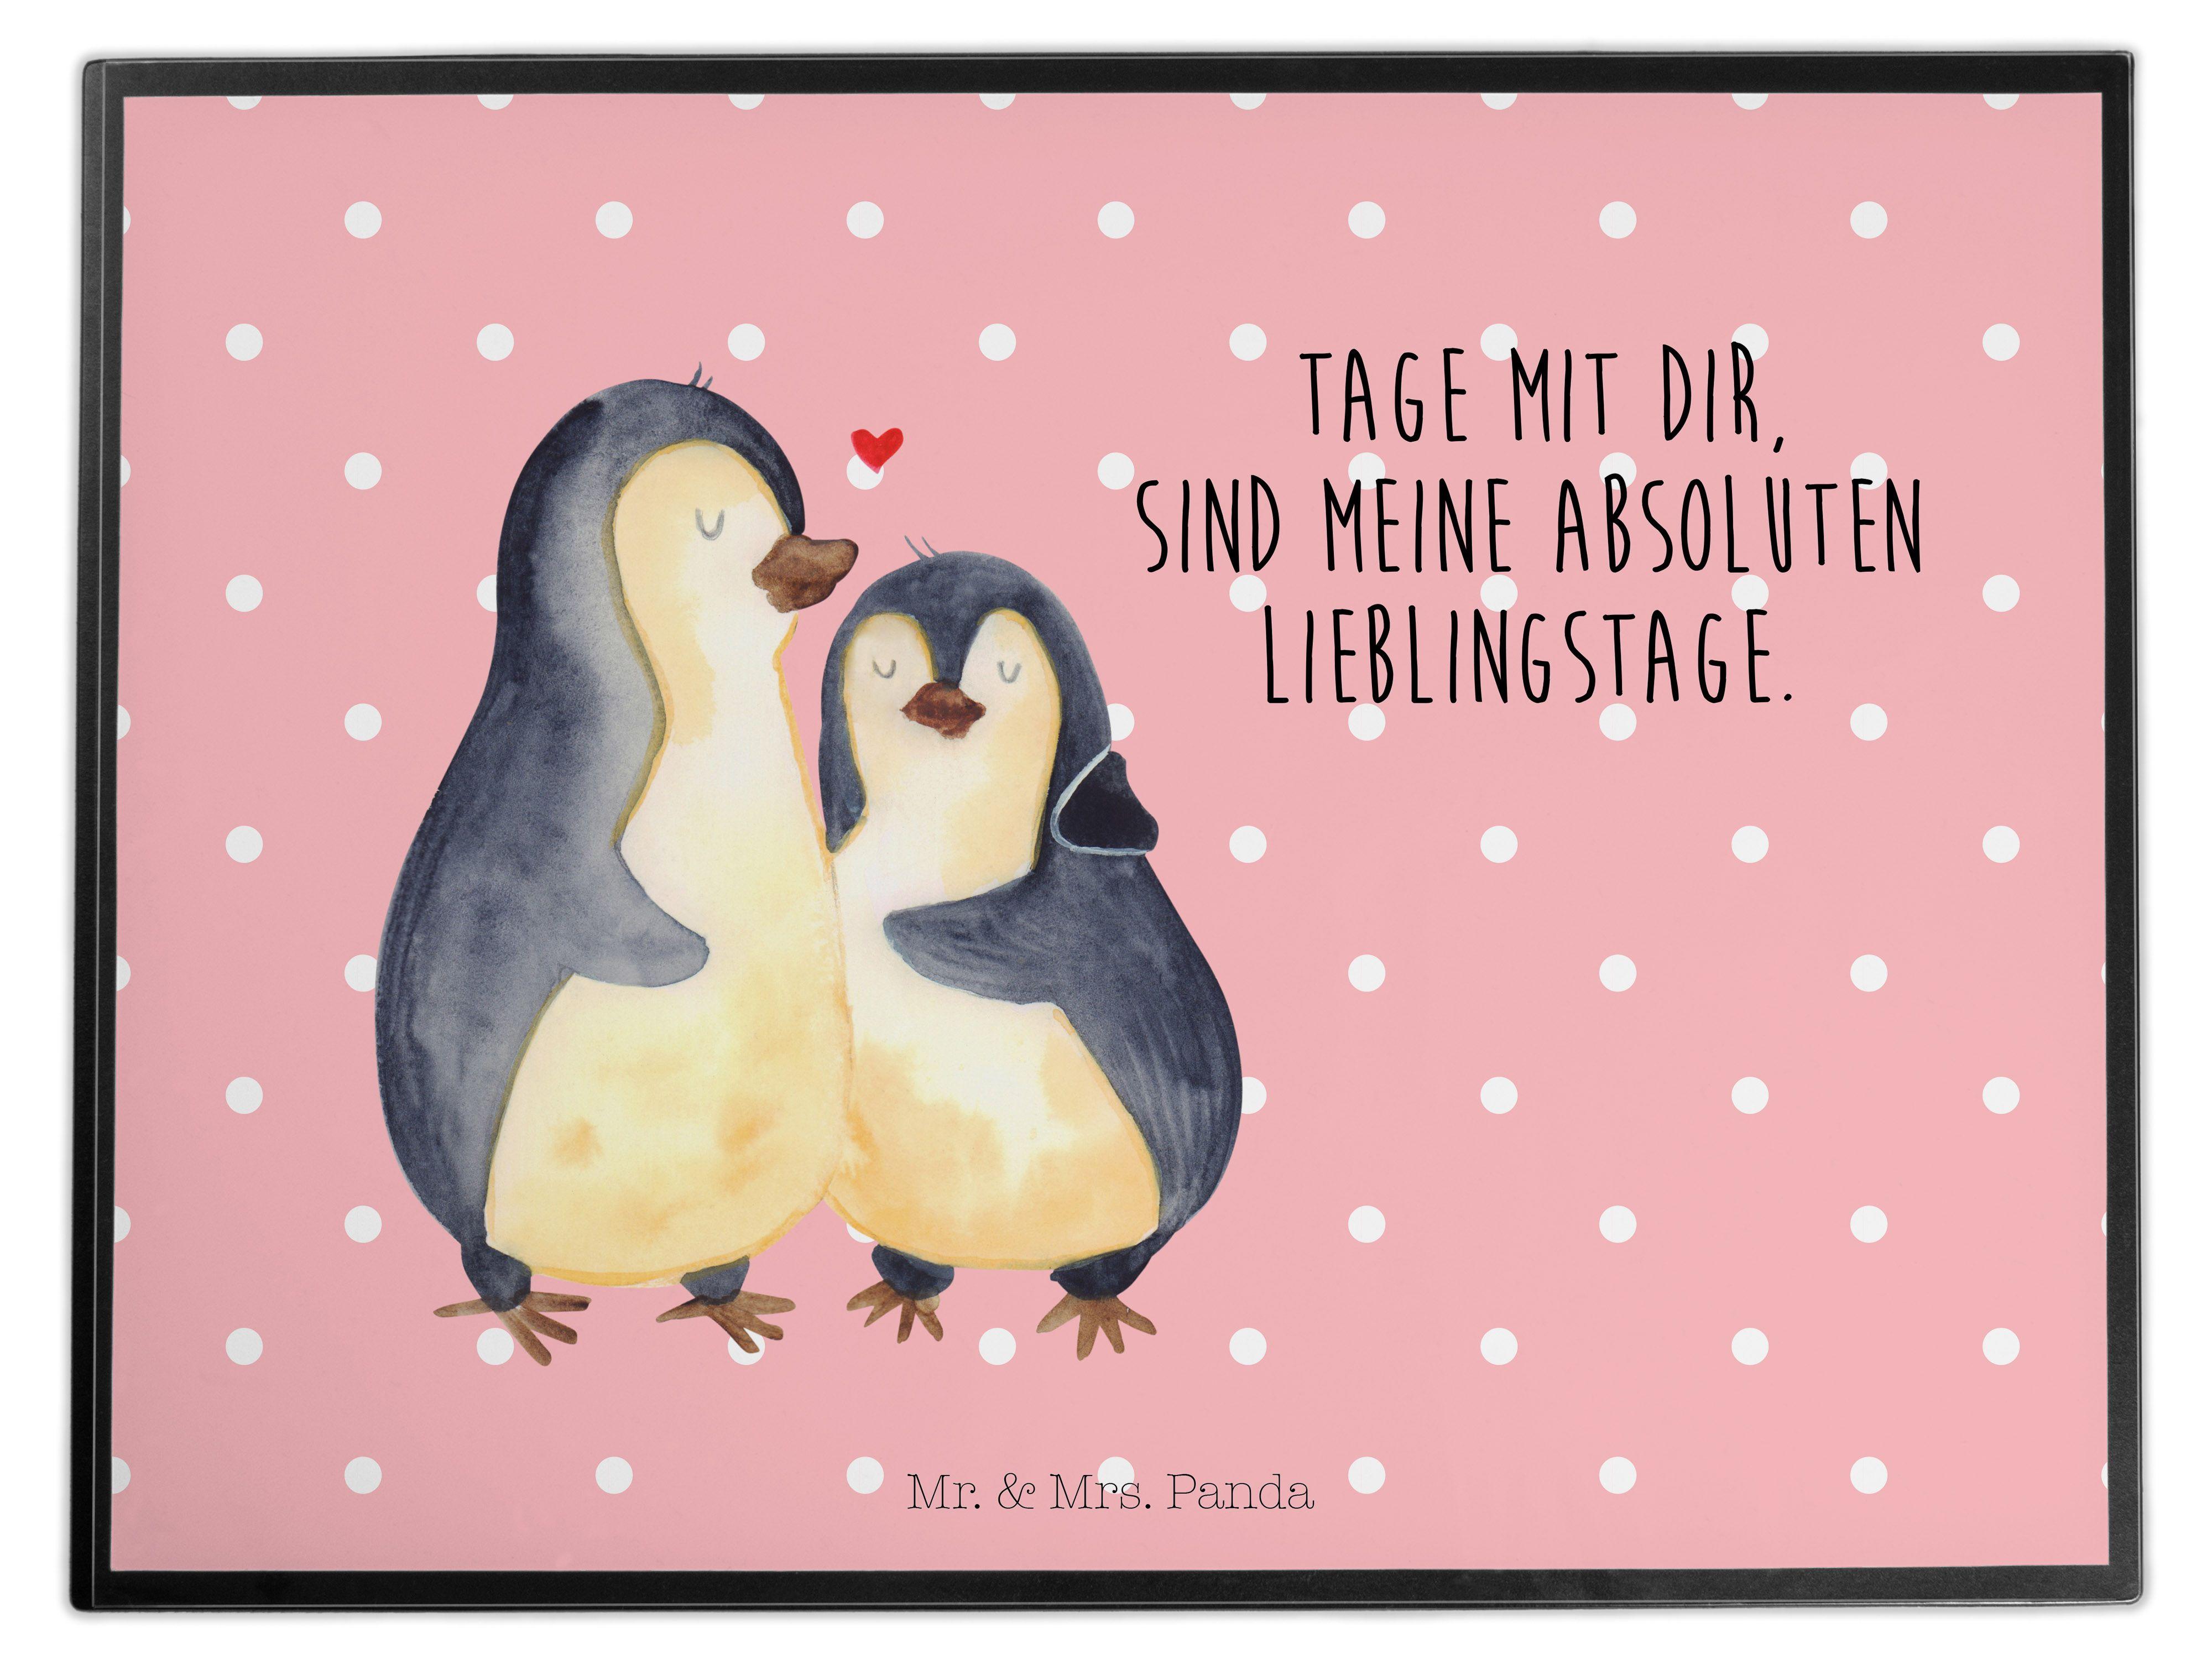 Schreibtischunterlage Pinguin umarmend aus Kunststoff  Schwarz - Das Original von Mr. & Mrs. Panda.  Die Schreibtischunterlage wird in Deutschland exklusiv für Mr. & Mrs. Panda gefertigt und ist aus hochwertigem Kunststoff hergestellt. Eine ganz tolle Besonderheit ist die einzigartige Einlegelasche an der Seite, mit der man das Motiv kinderleicht gegen andere Motive von Mr. & Mrs. Panda tauschen kann.    Über unser Motiv Pinguin umarmend  Unsere Pinguin-Kollektion ist unser kleines Herzstück. Je